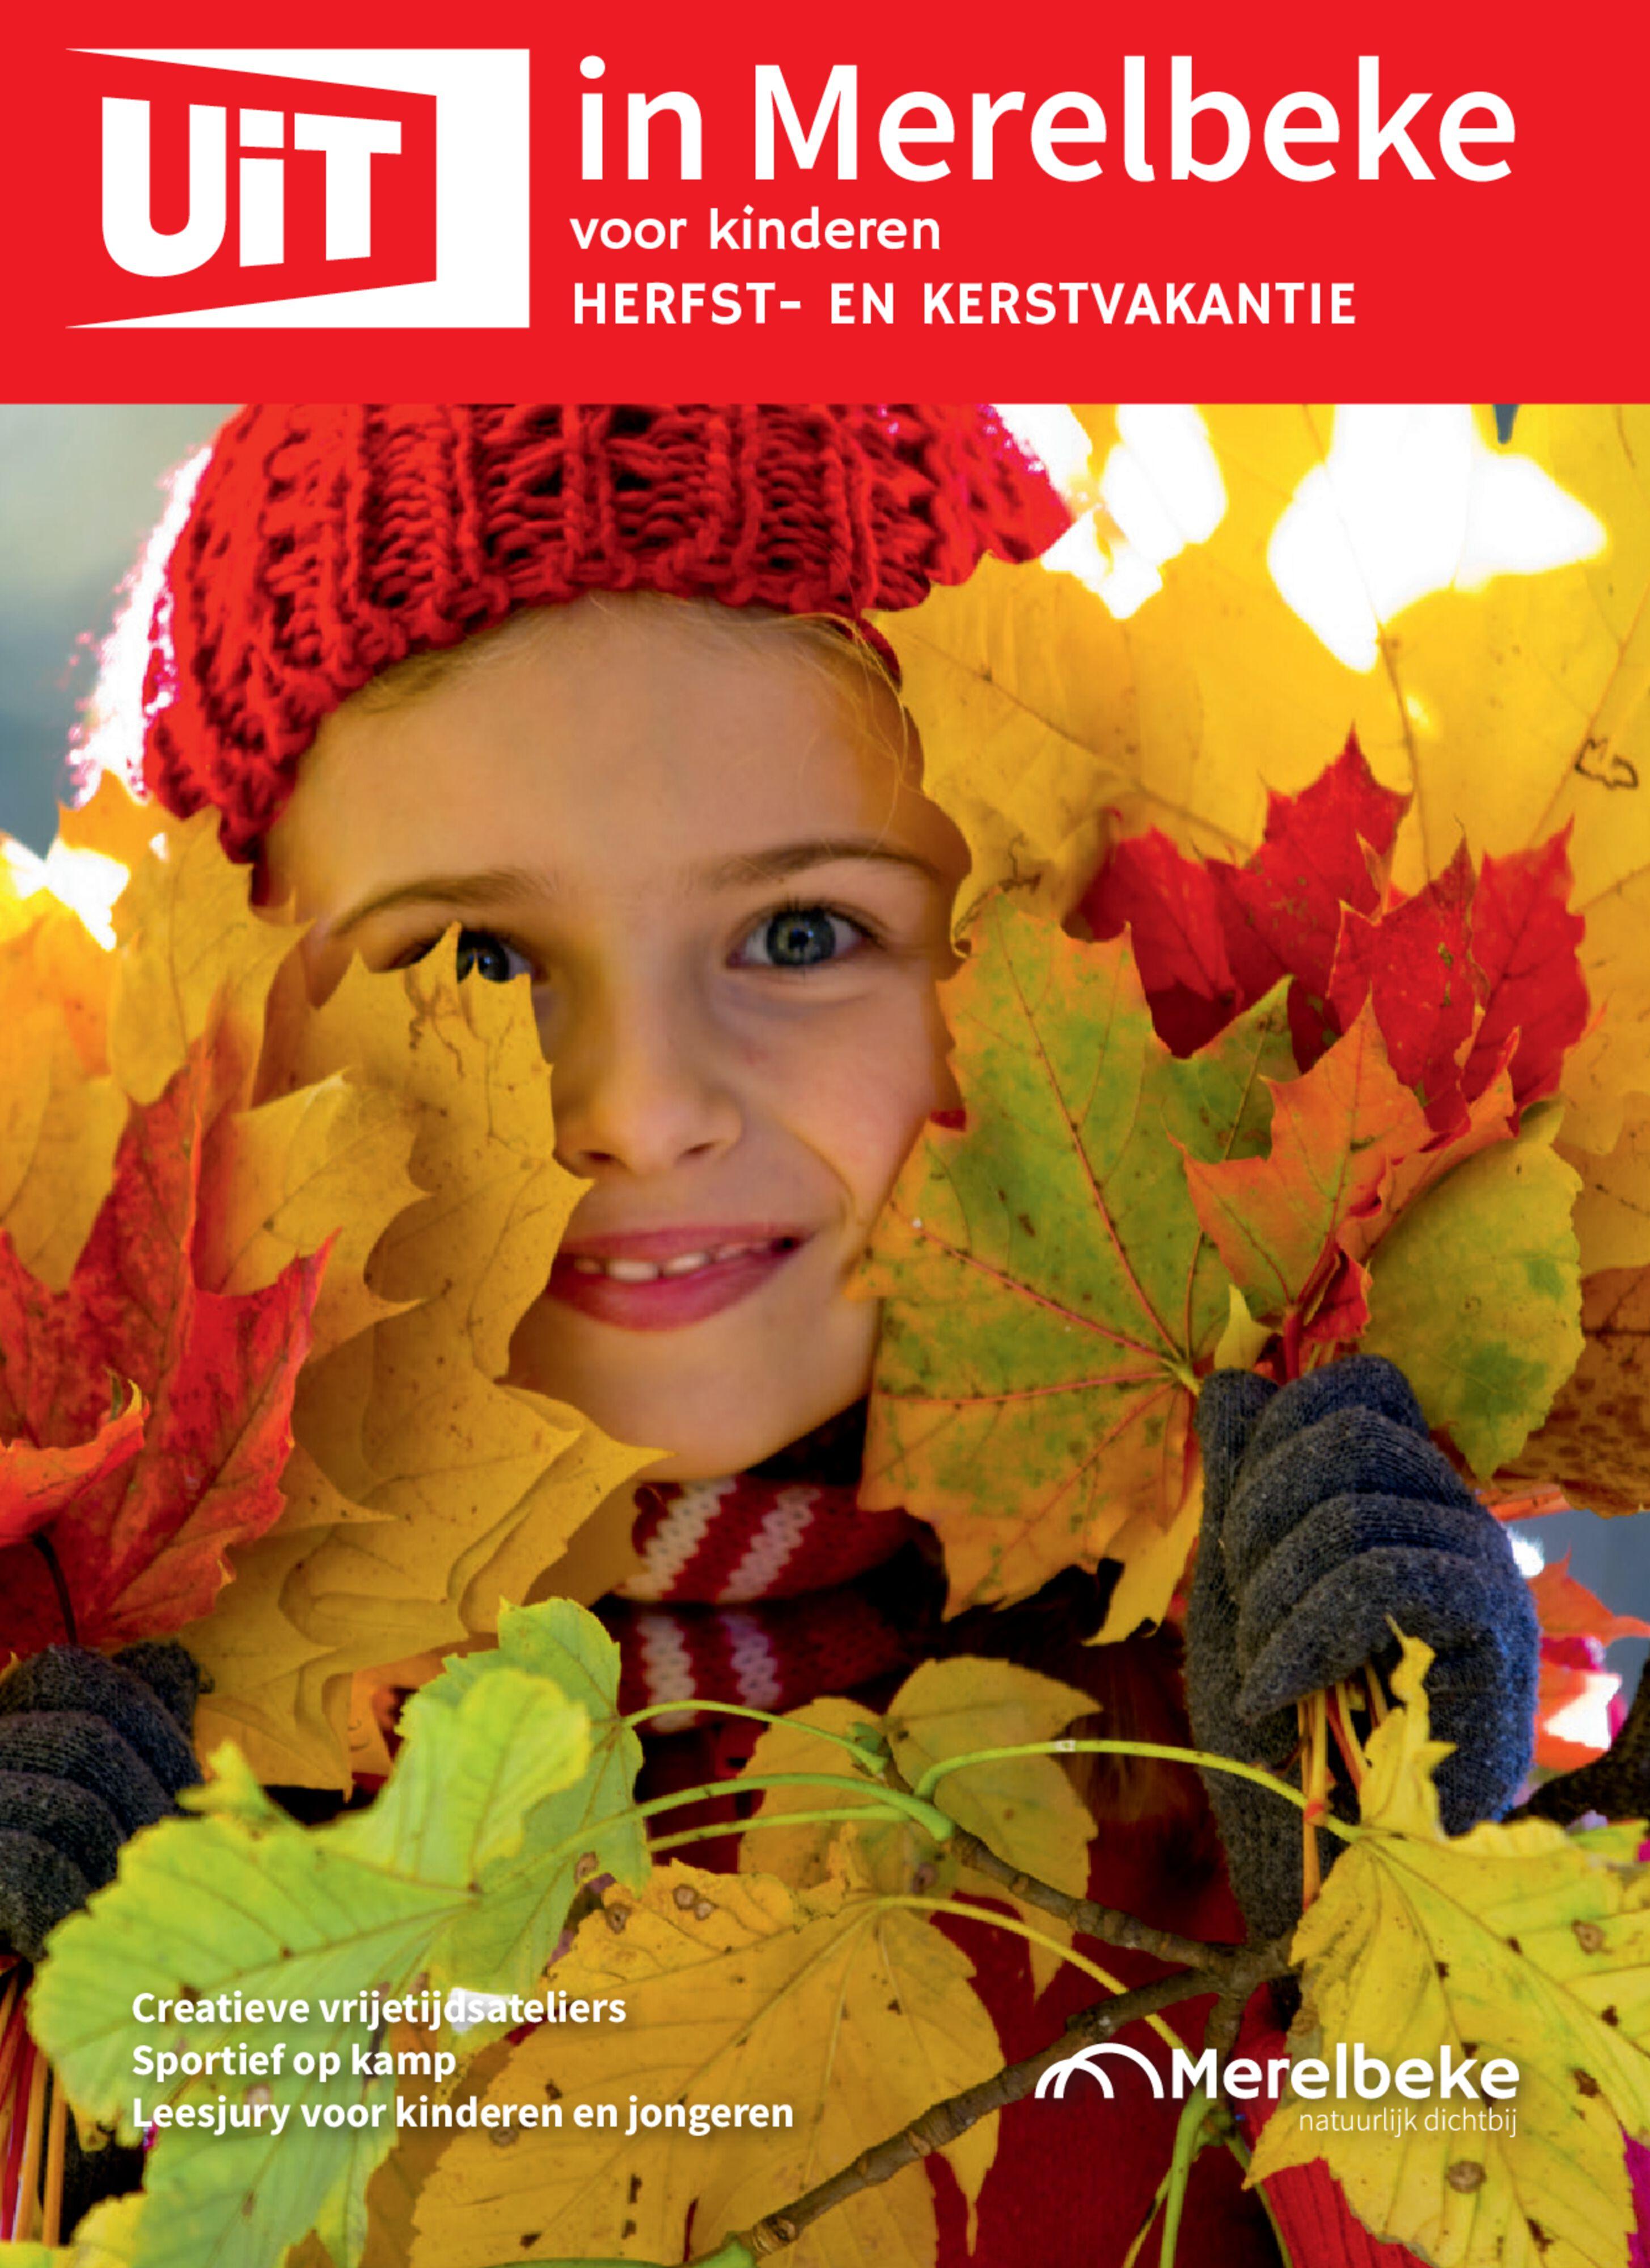 UiT voor kinderen herfst- en kerstvakantie 2018